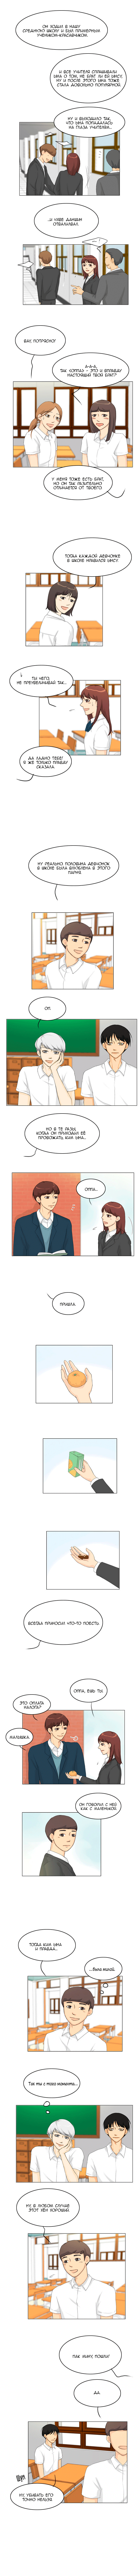 https://r1.ninemanga.com/comics/pic2/8/31048/426347/1535044325881.png Page 3